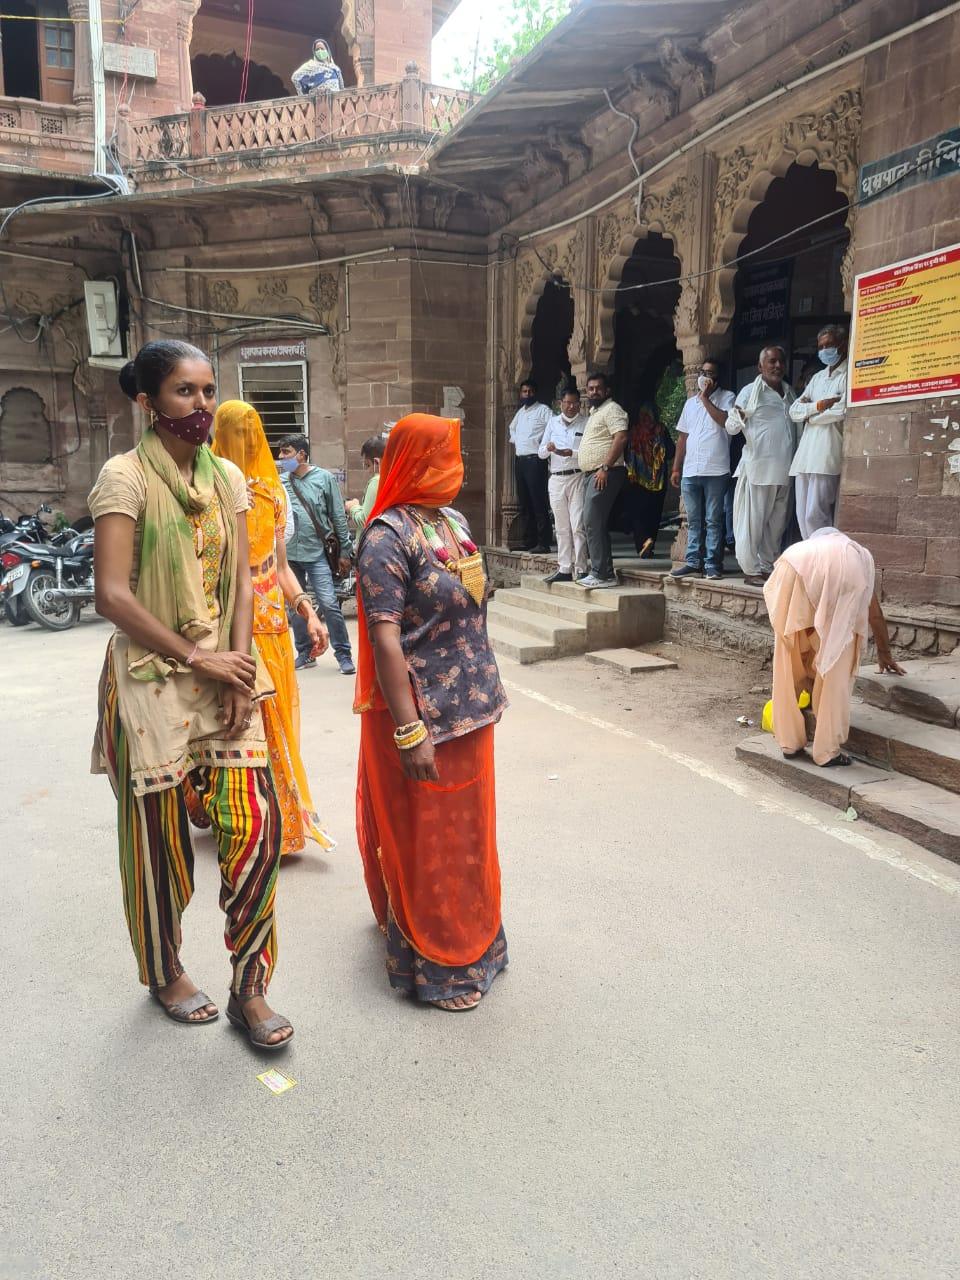 कलेक्ट्रेट के आस -पास बंद रहेगा यातायात, शाम पांच बजे के बाद जारी होगा परिणाम|जोधपुर,Jodhpur - Dainik Bhaskar